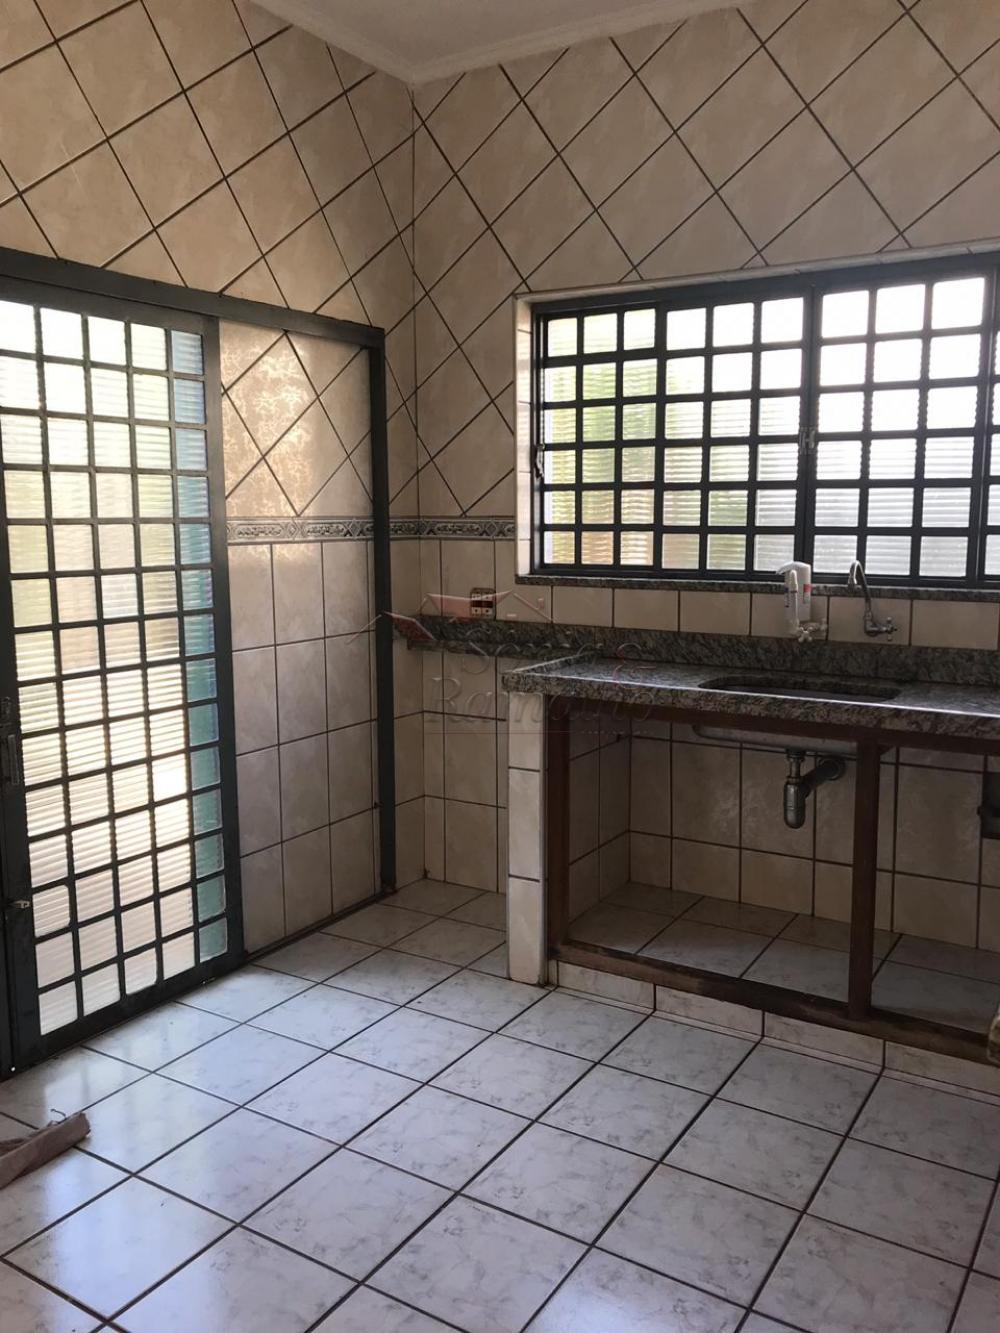 Comprar Casas / Padrão em Ribeirão Preto apenas R$ 340.000,00 - Foto 12